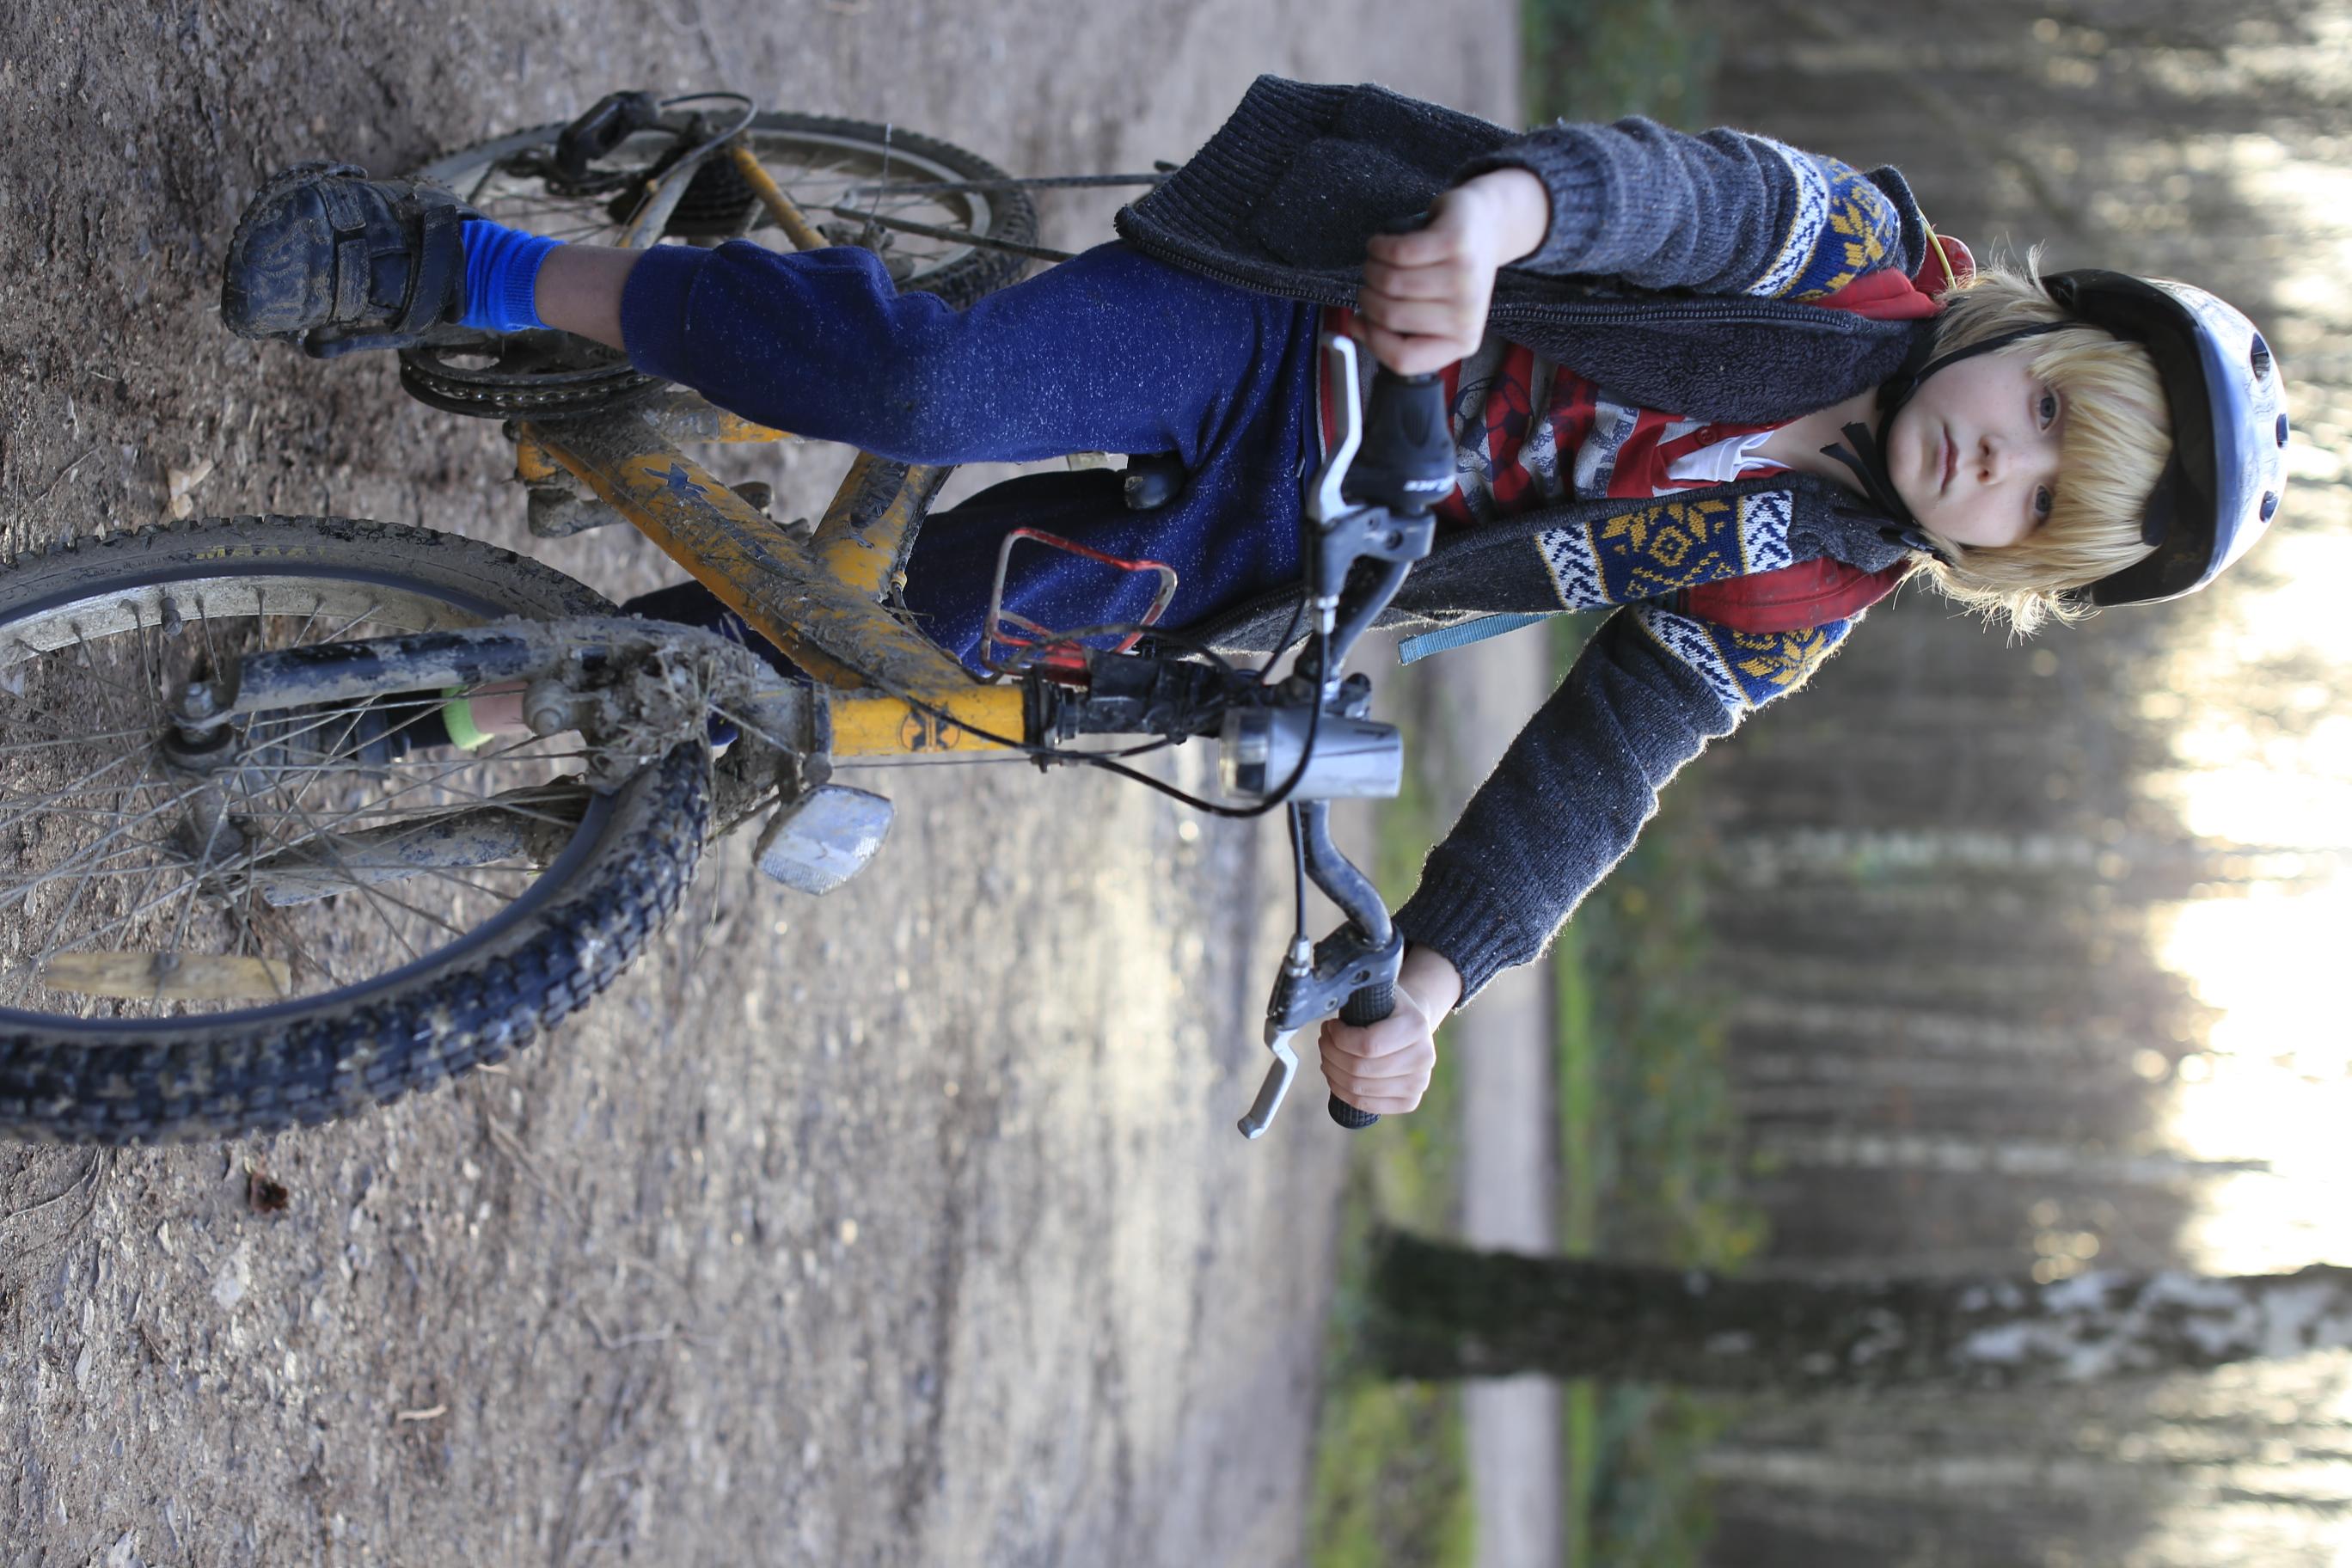 maxxis, woods, mtb,  bicycles, bike parts, mountain biking, bike accessories, racing bikes, cycling gear, touring bike,